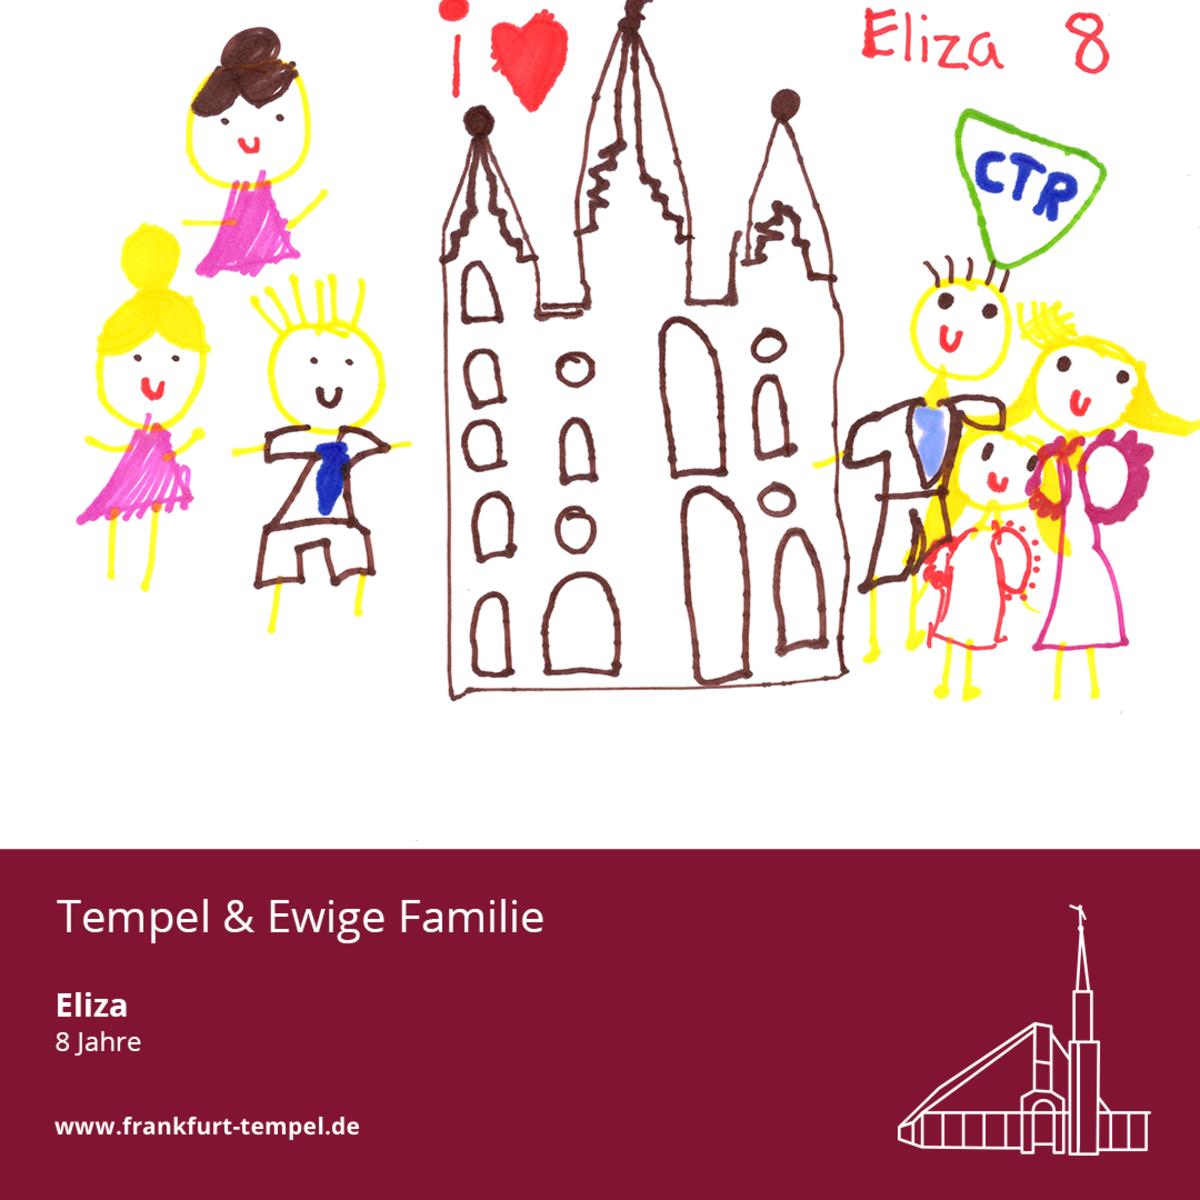 Kinderbild von einem Tempel